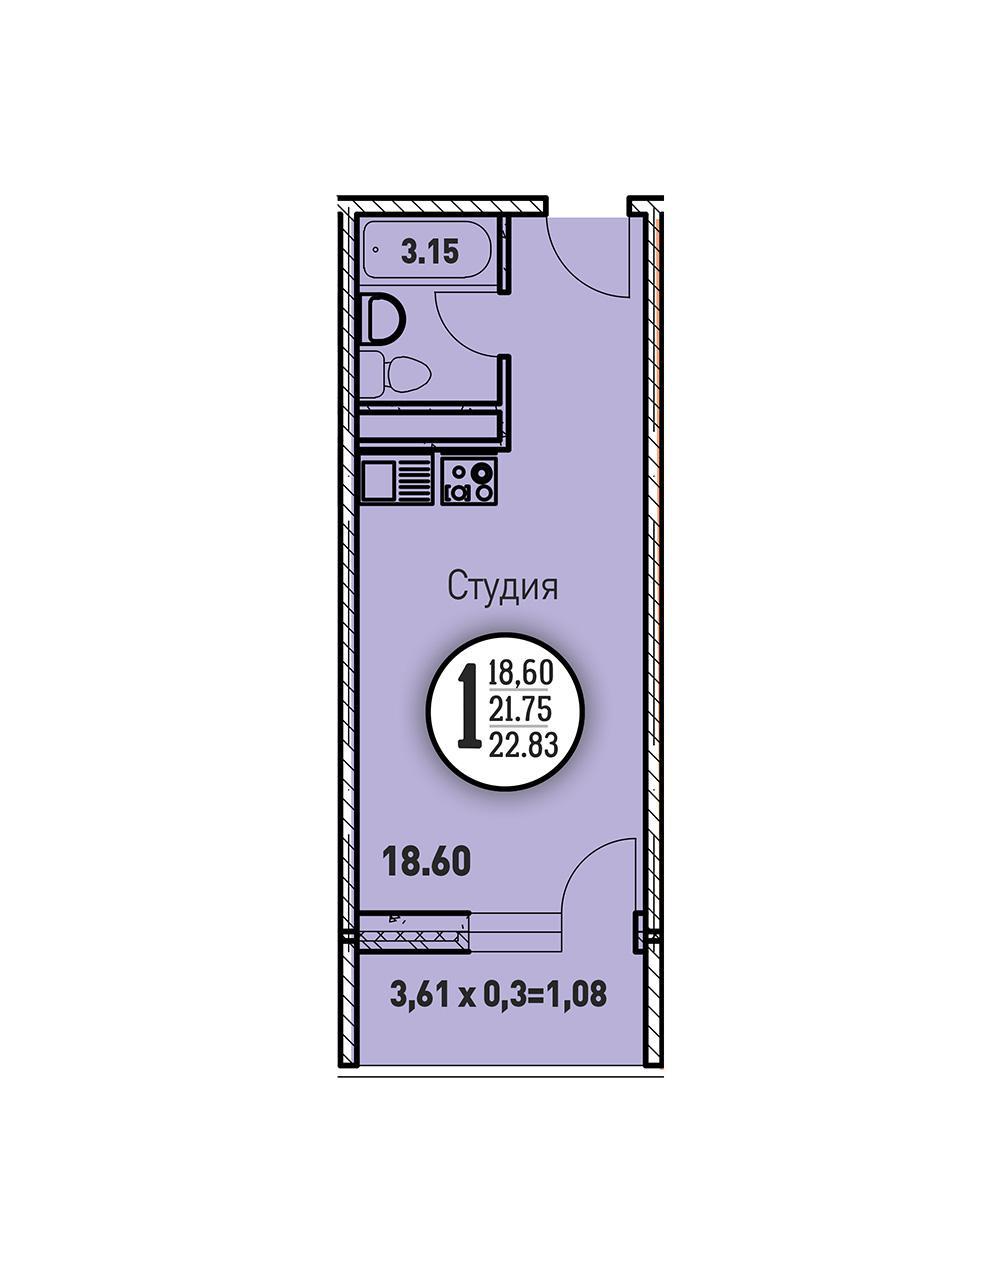 ЖК «Цветы» Квартира 22,83(Ипотека 7,4)